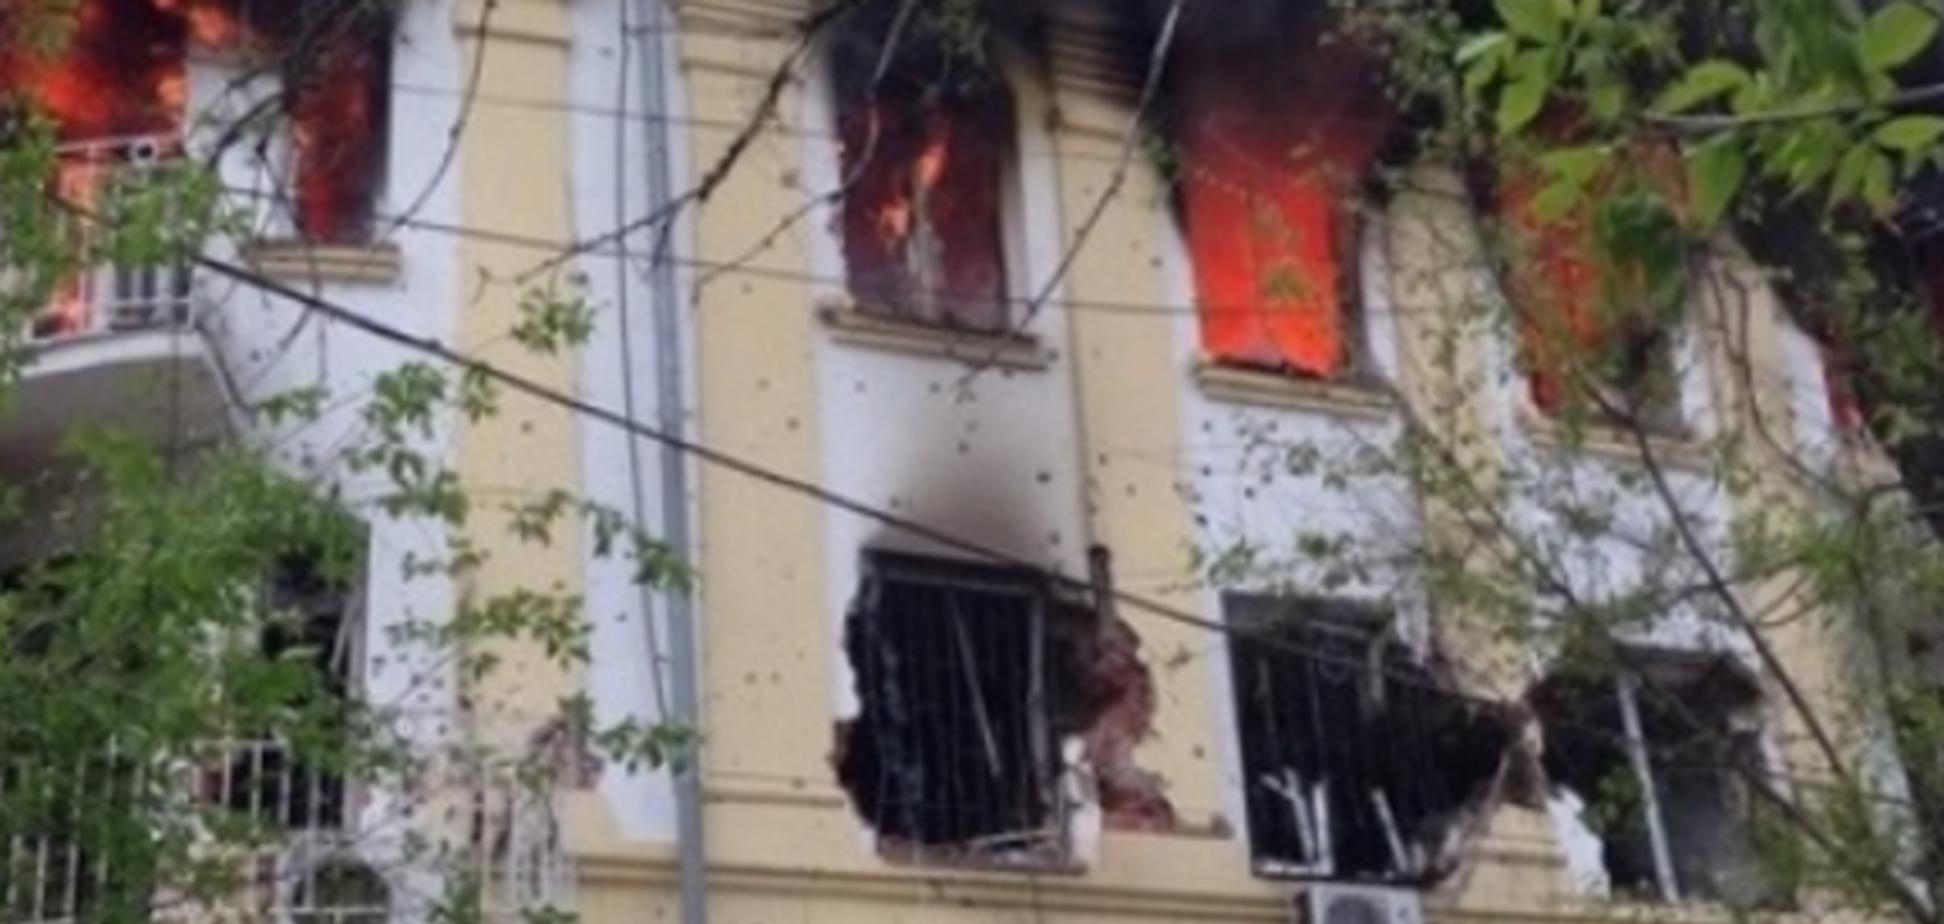 У Маріуполі знищено 20 терористів, 4 взяті в полон, убитий один міліціонер. Пряма трансляція